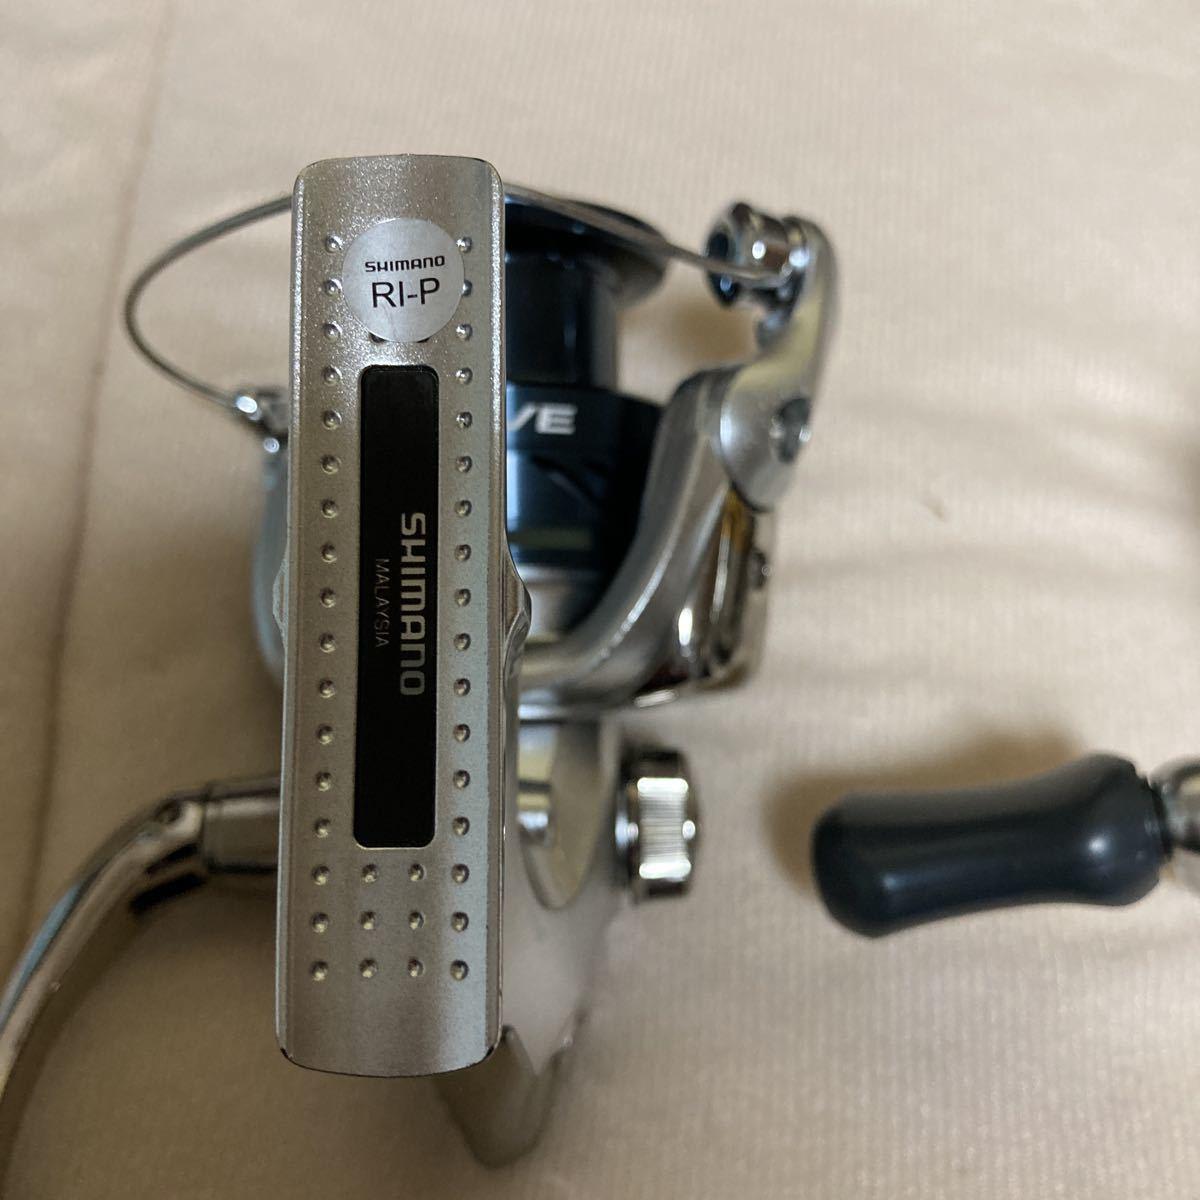 シマノ エアノス XT 2500S シマノ ネクサーブ2500 超美品 2台セット_画像9